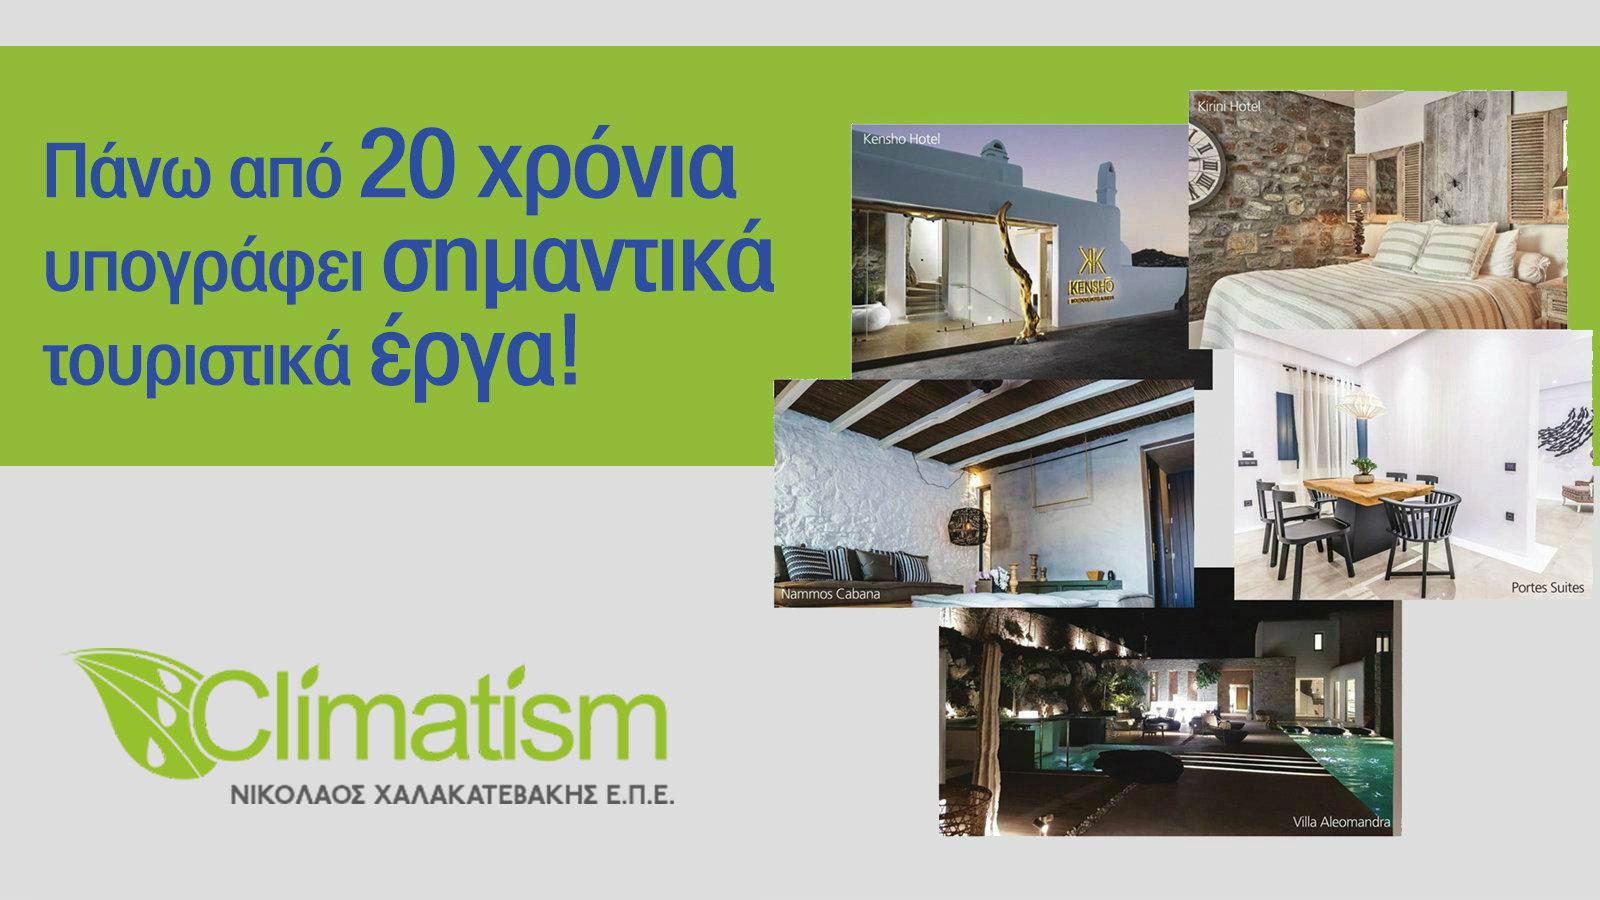 H Climatism, πάνω από 20 χρόνια υπογράφει σημαντικά τουριστικά και οικιακά έργα.